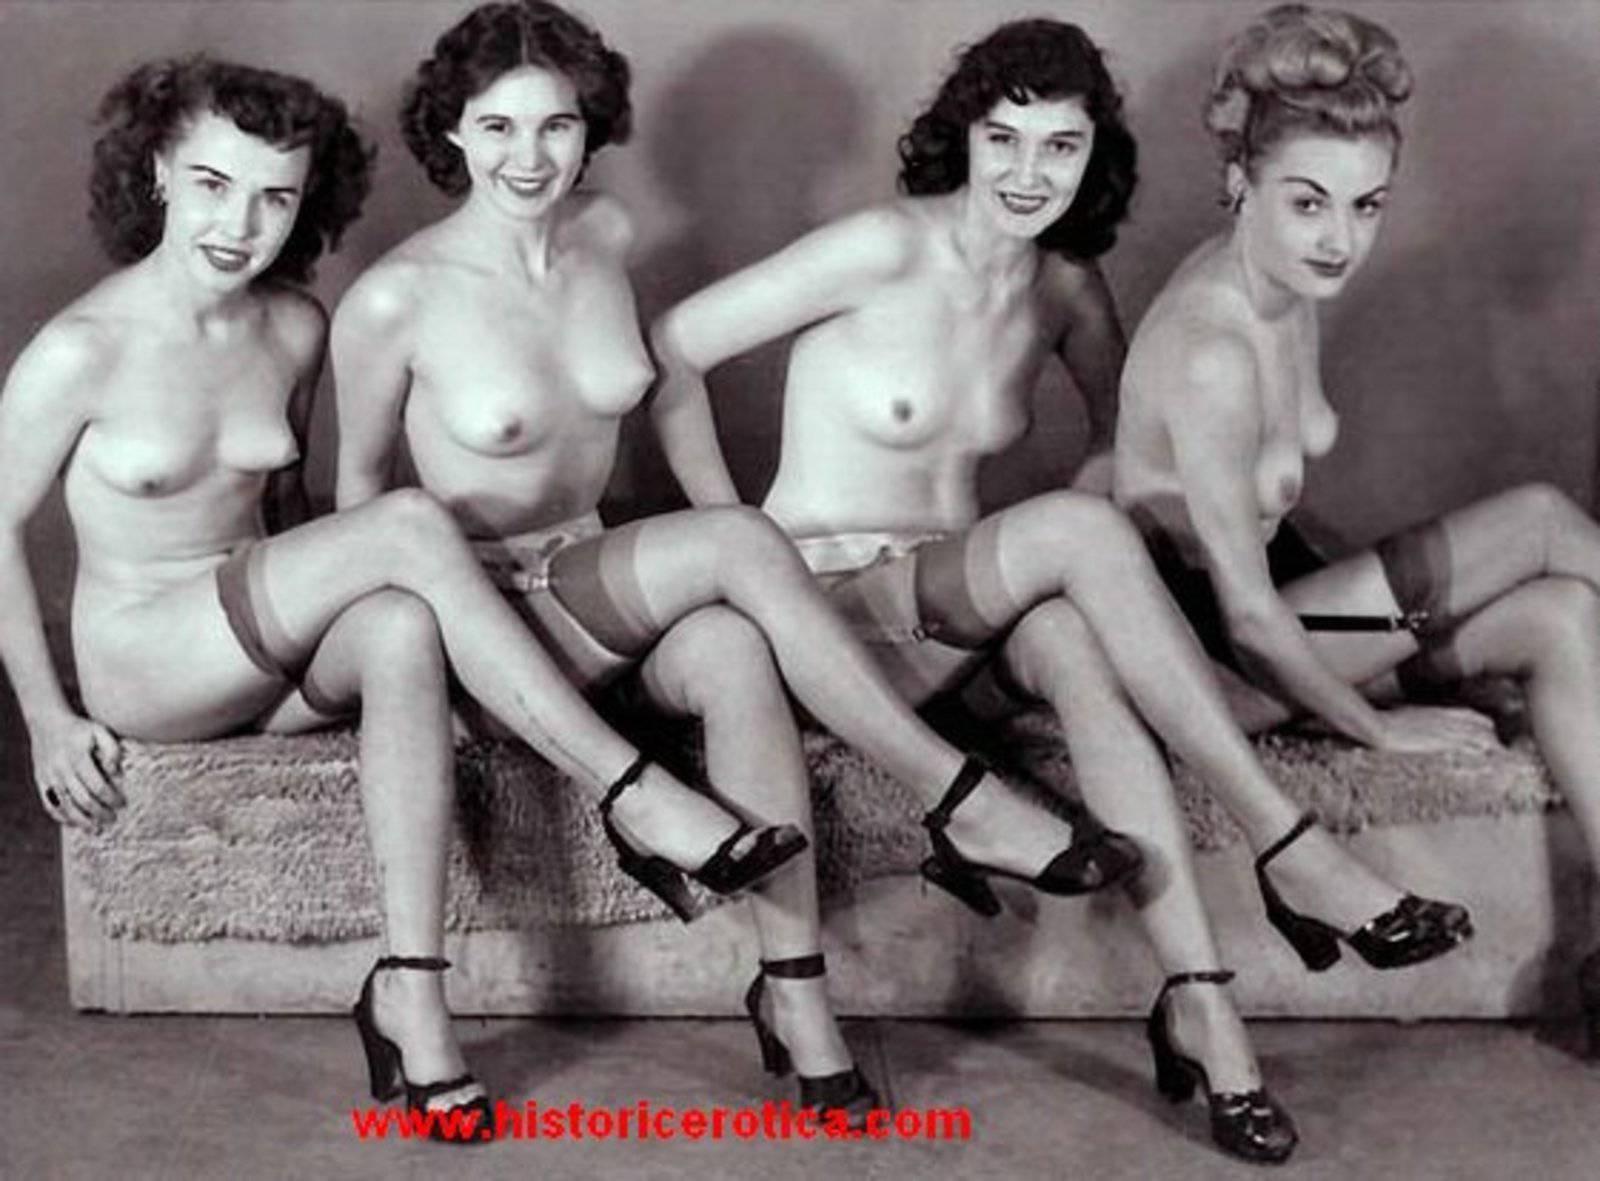 Ретро фотографии эро, Ретро эротика голых девушки и женщины - смотреть 26 фотография